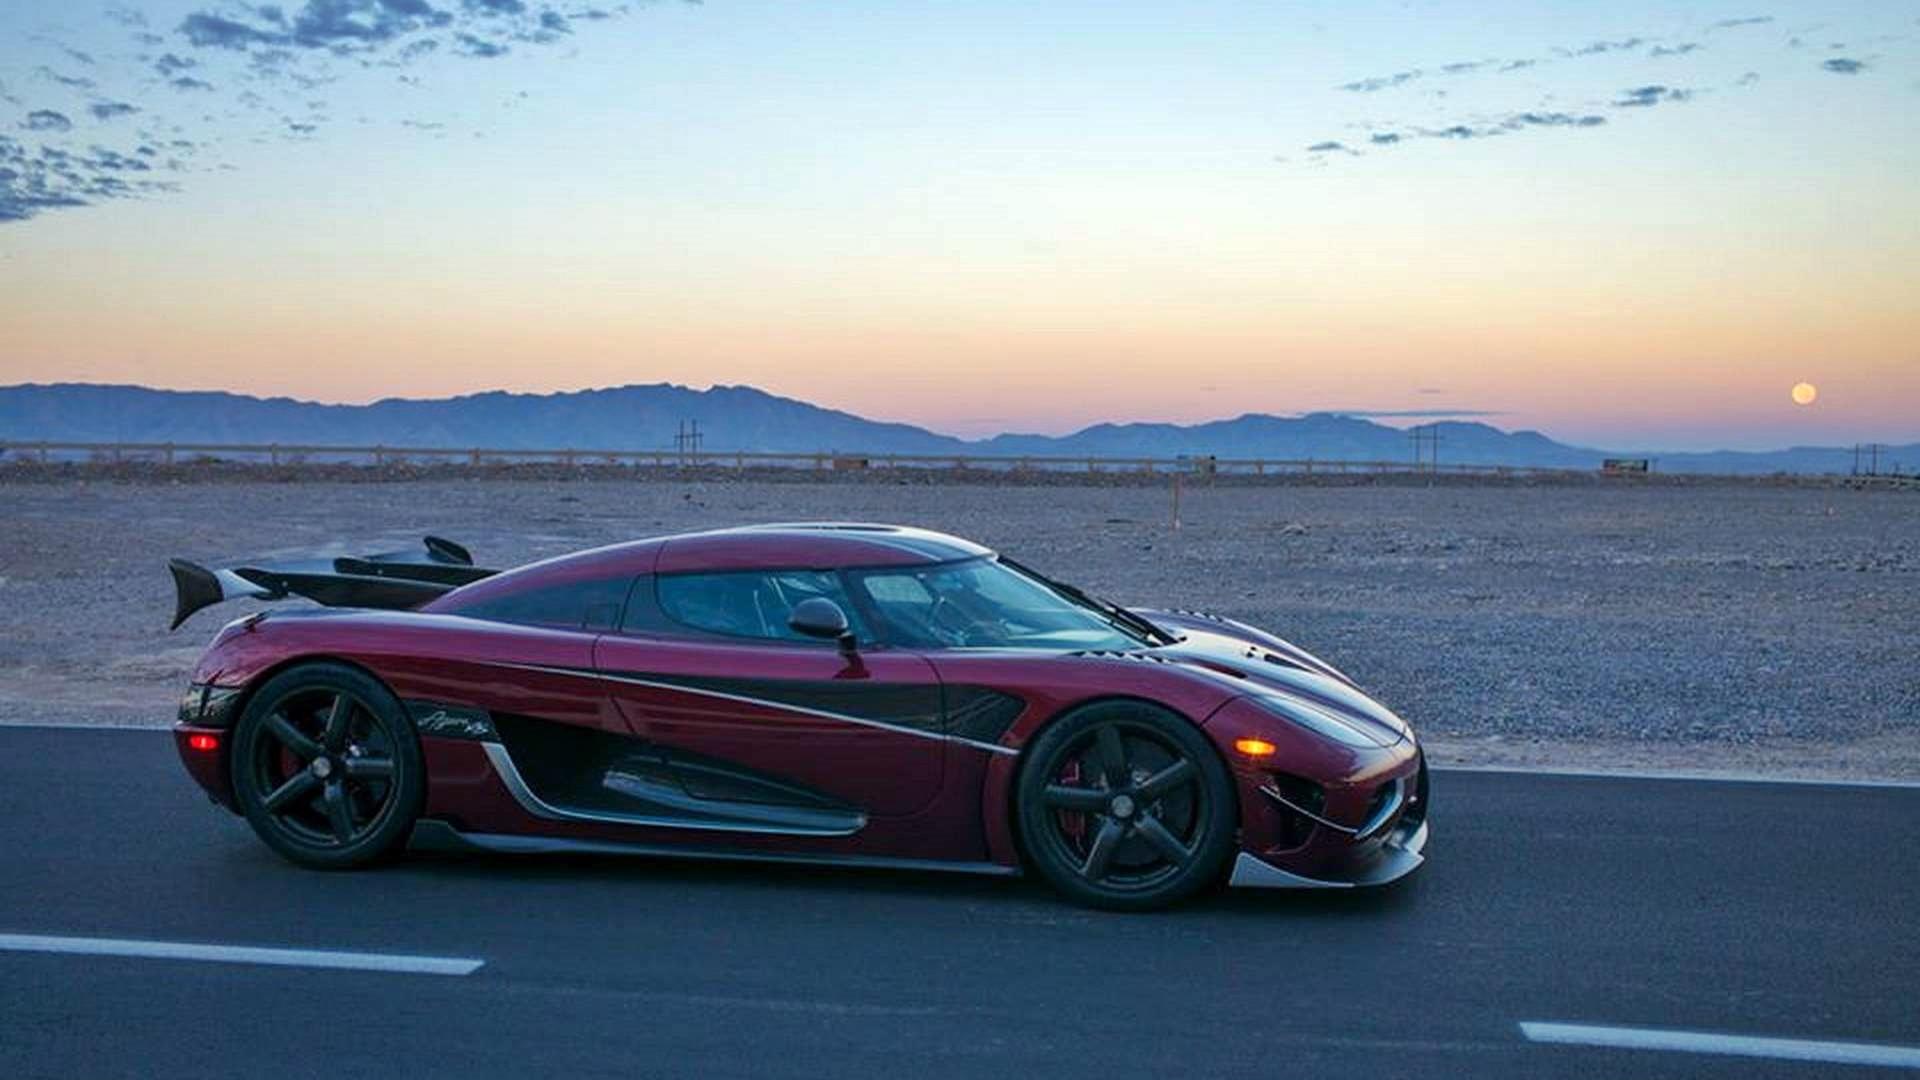 Serijski modeli brži od bolida Formule 1